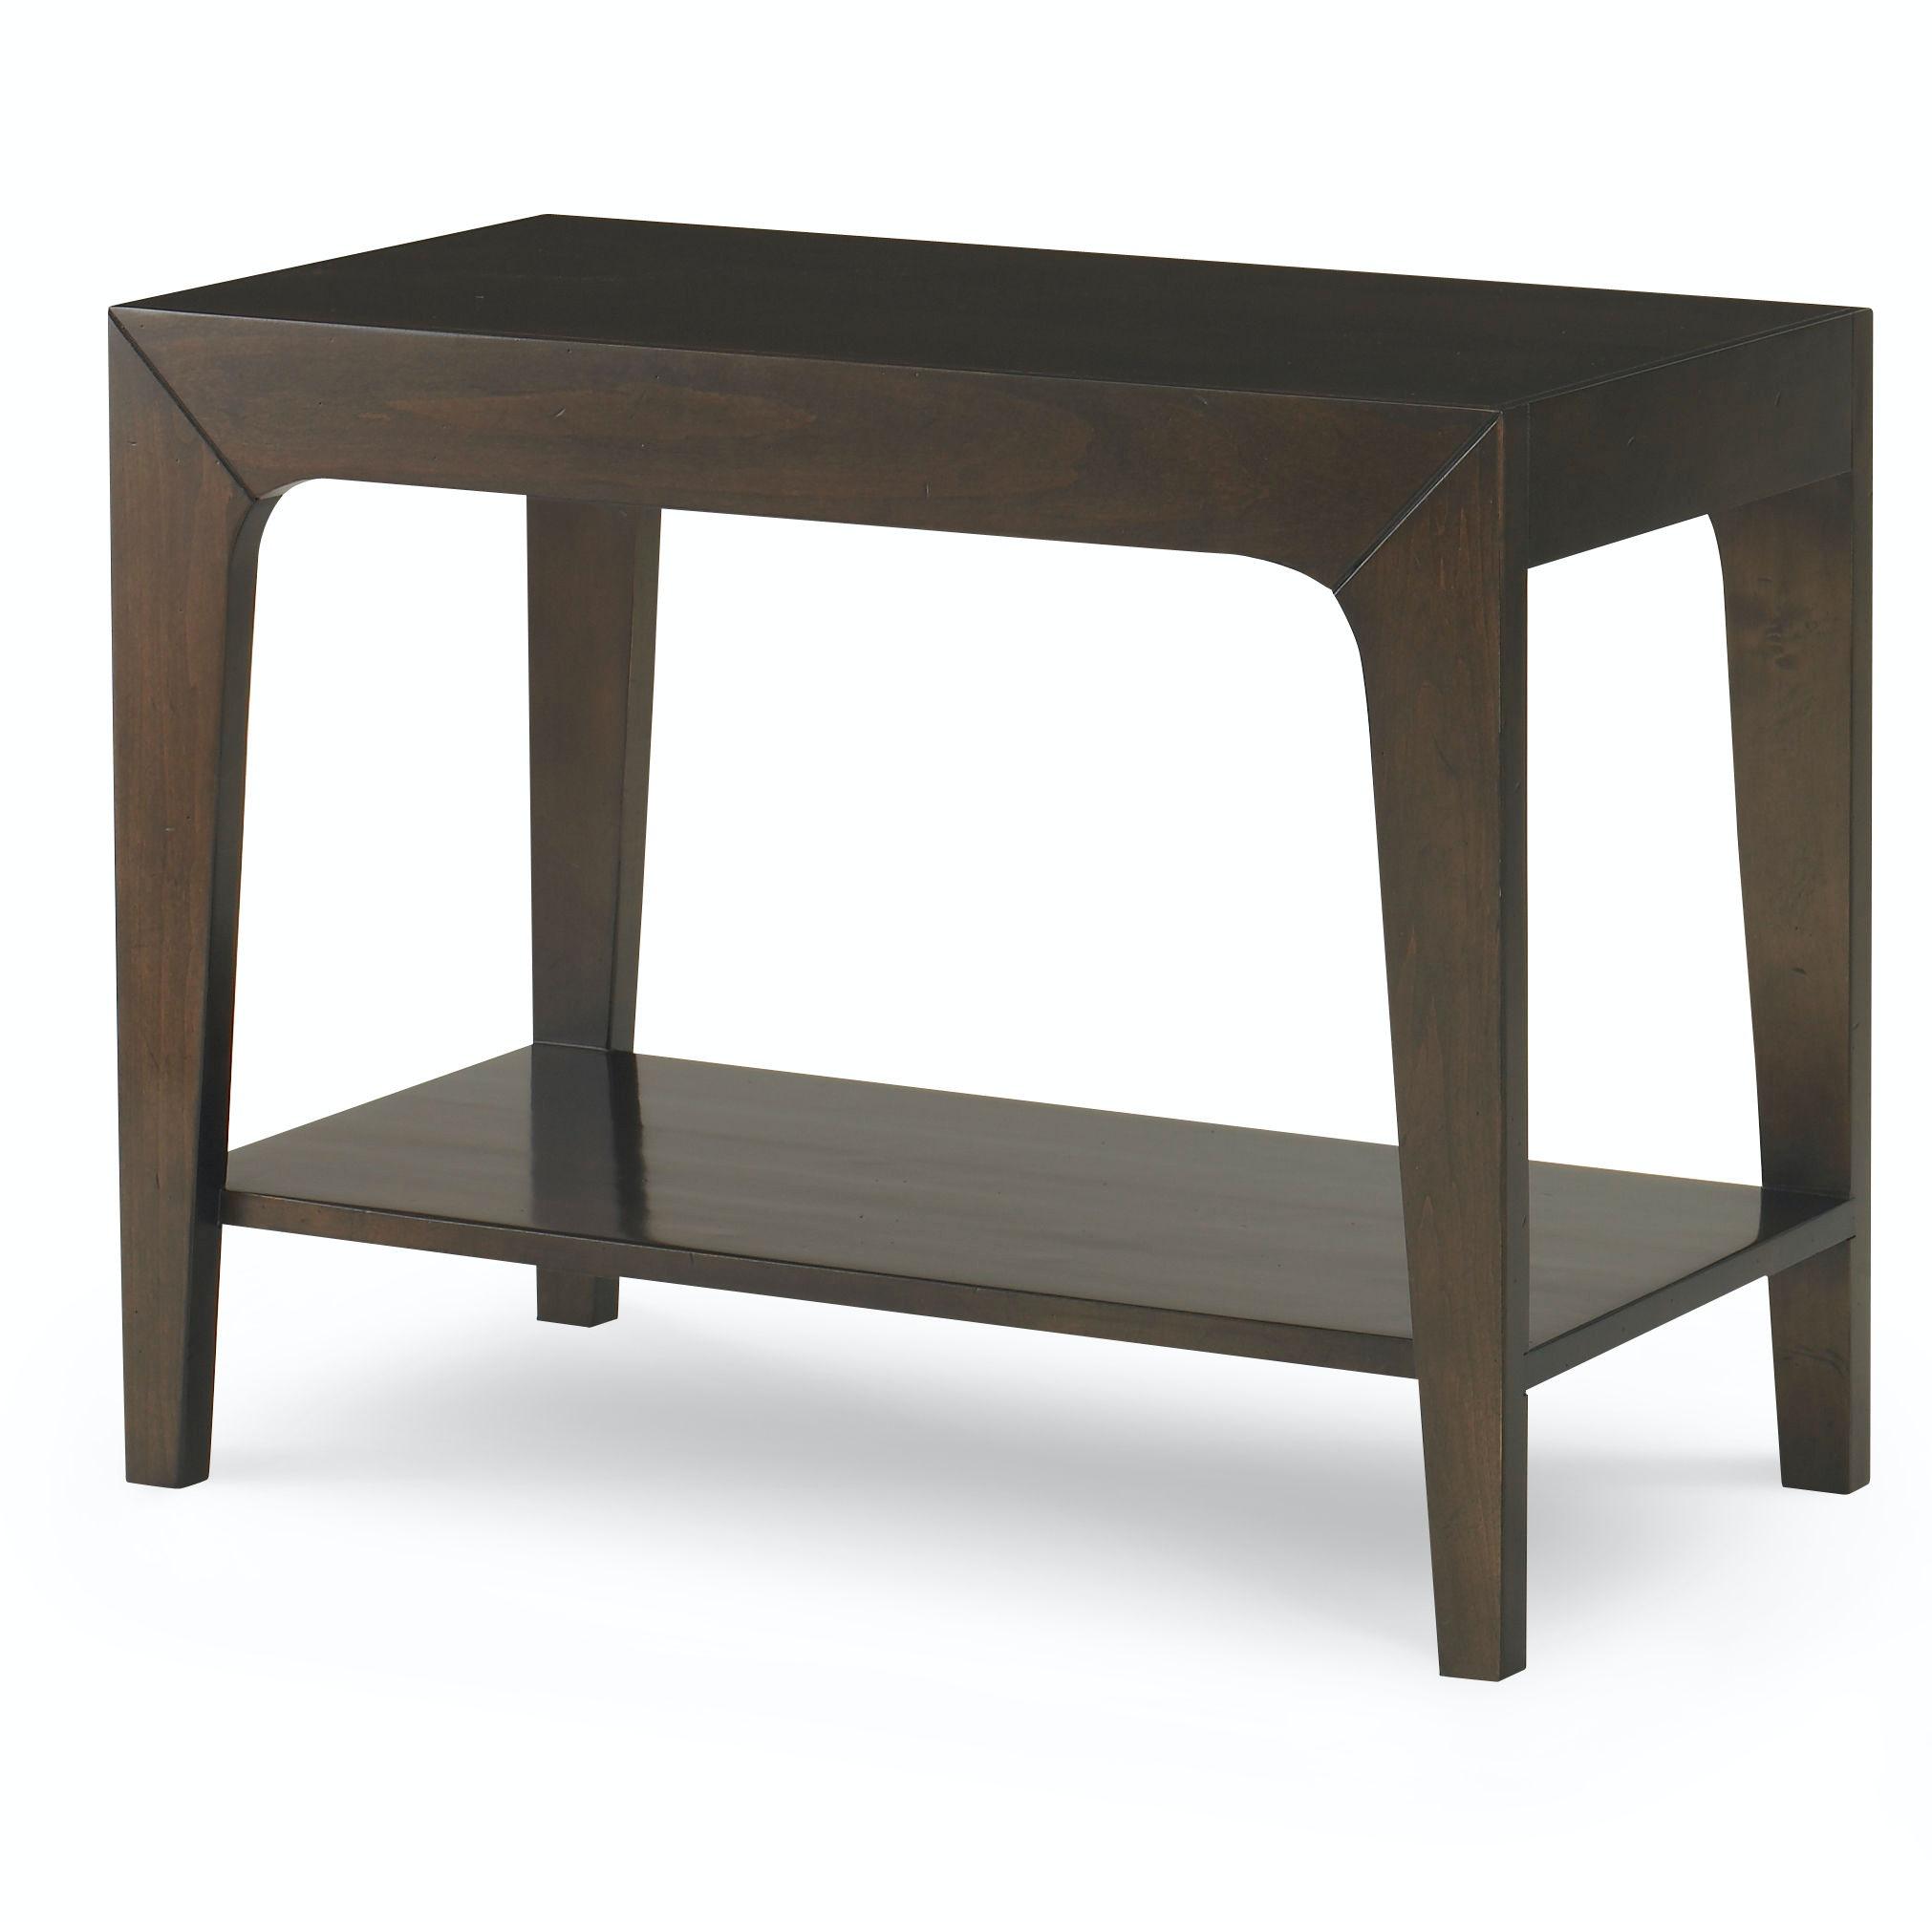 Kravet Slim Rectangle Side Table, Wood Top OT431W 2